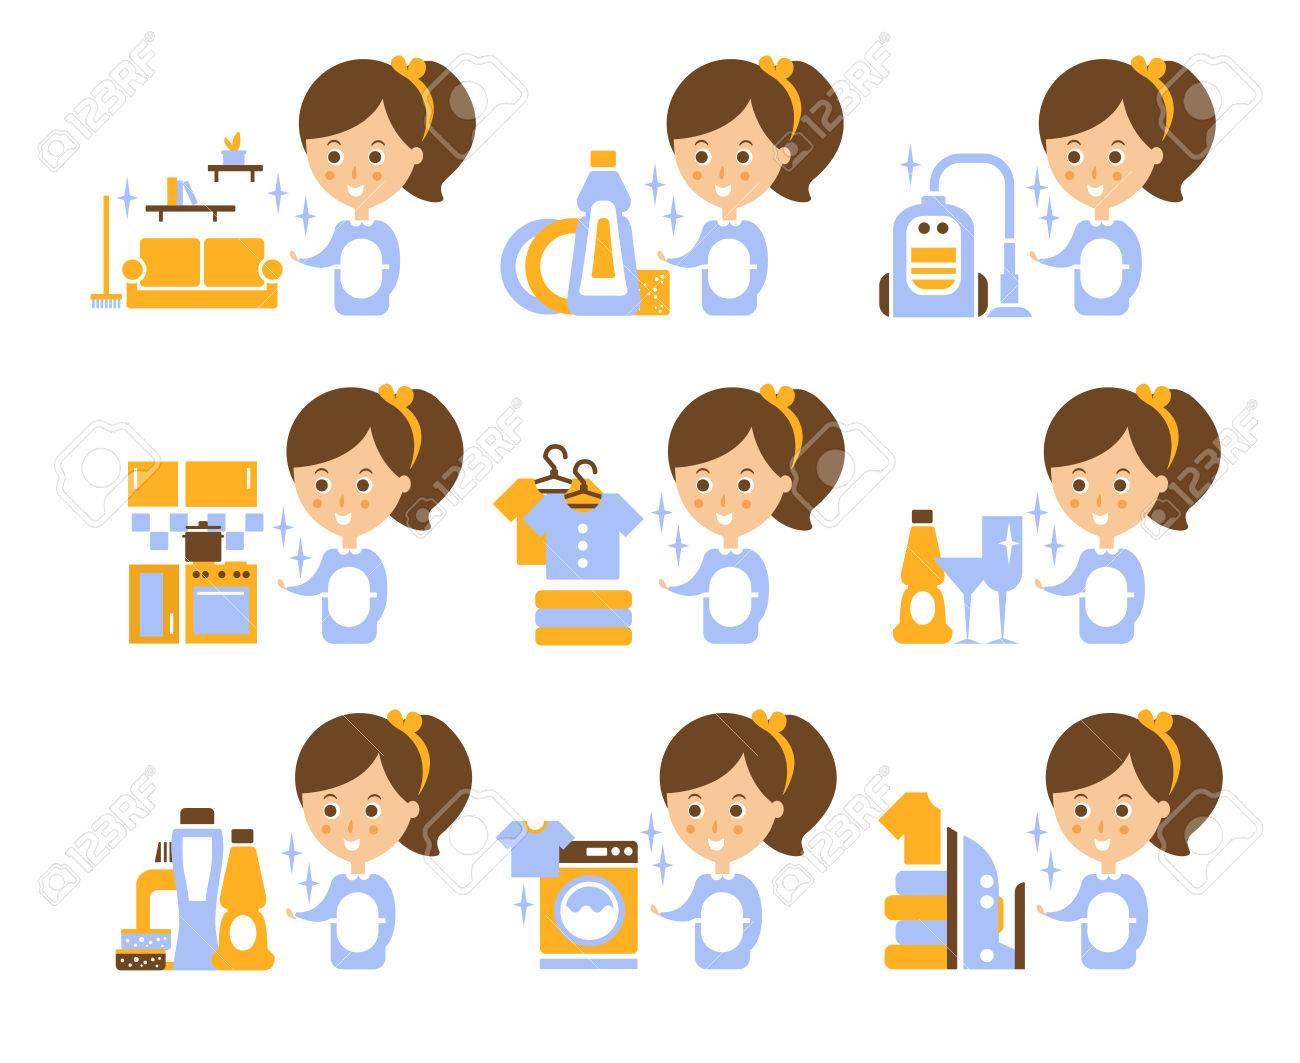 クリーニング サービスの女の子と様式化された簡易フラット ベクトル漫画